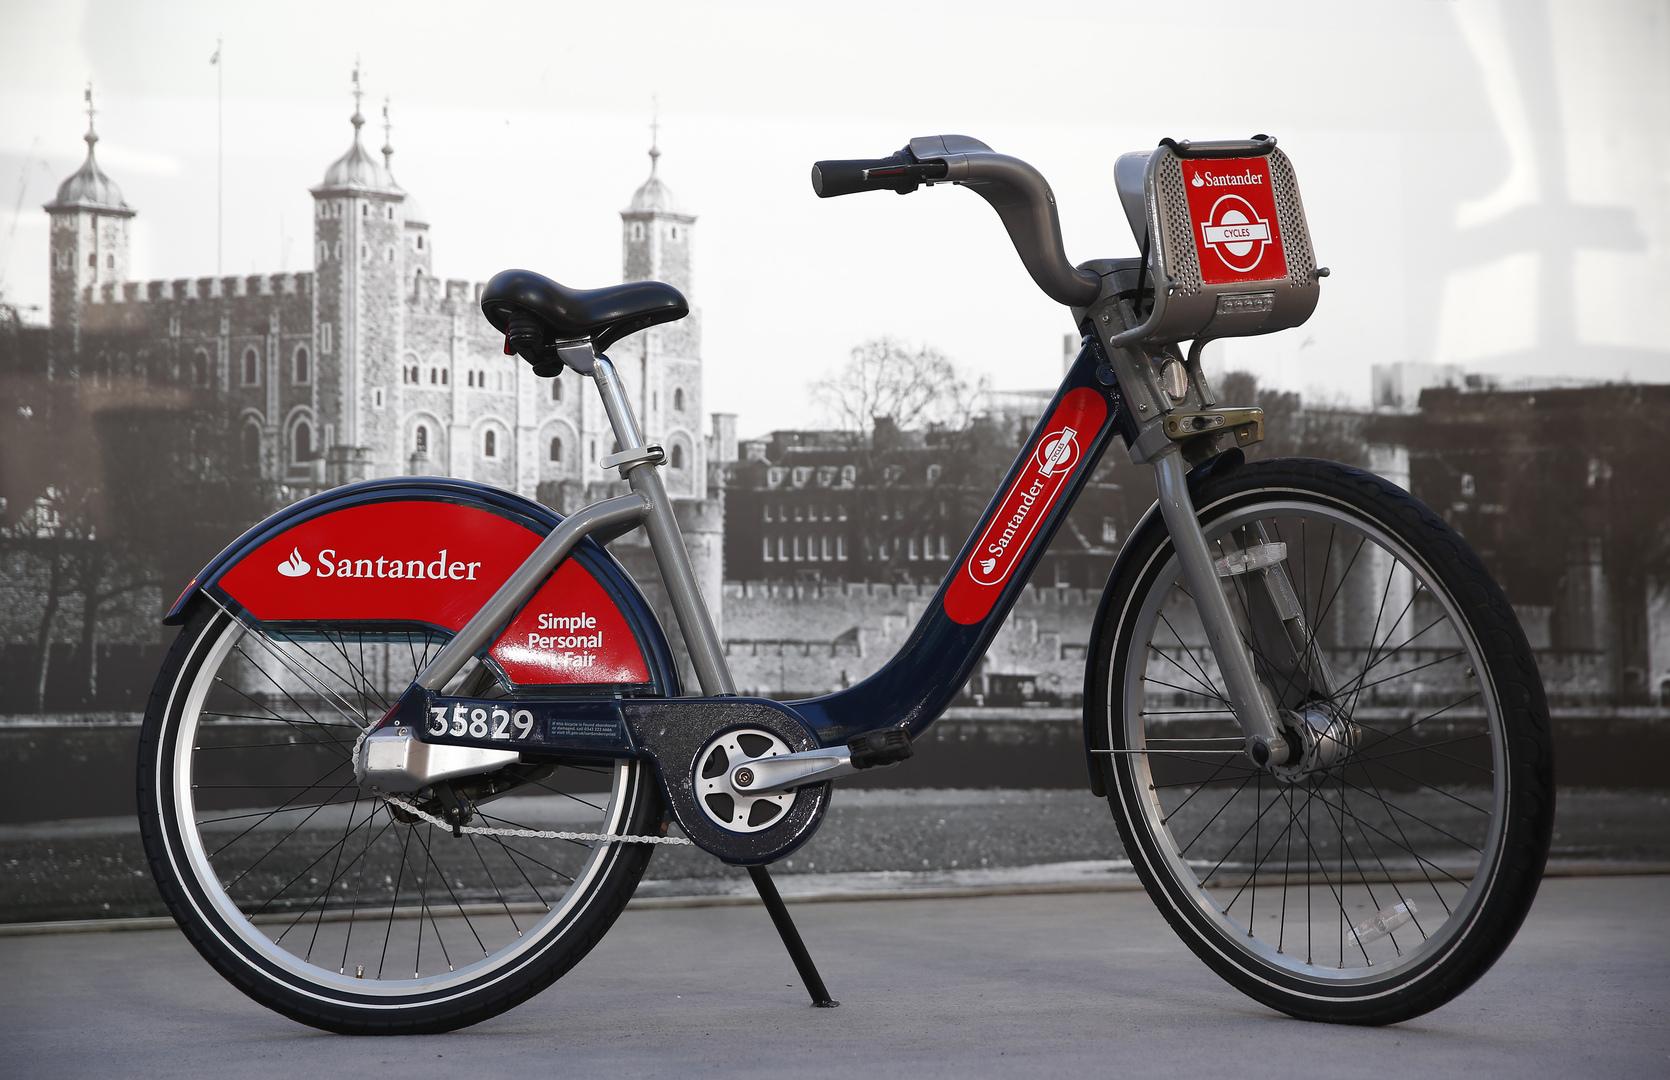 رئيس الحكومة البريطانية يتعهد بإنفاق مبالغ ضخمة للتحول عن قيادة السيارات إلى الدراجات والمشي